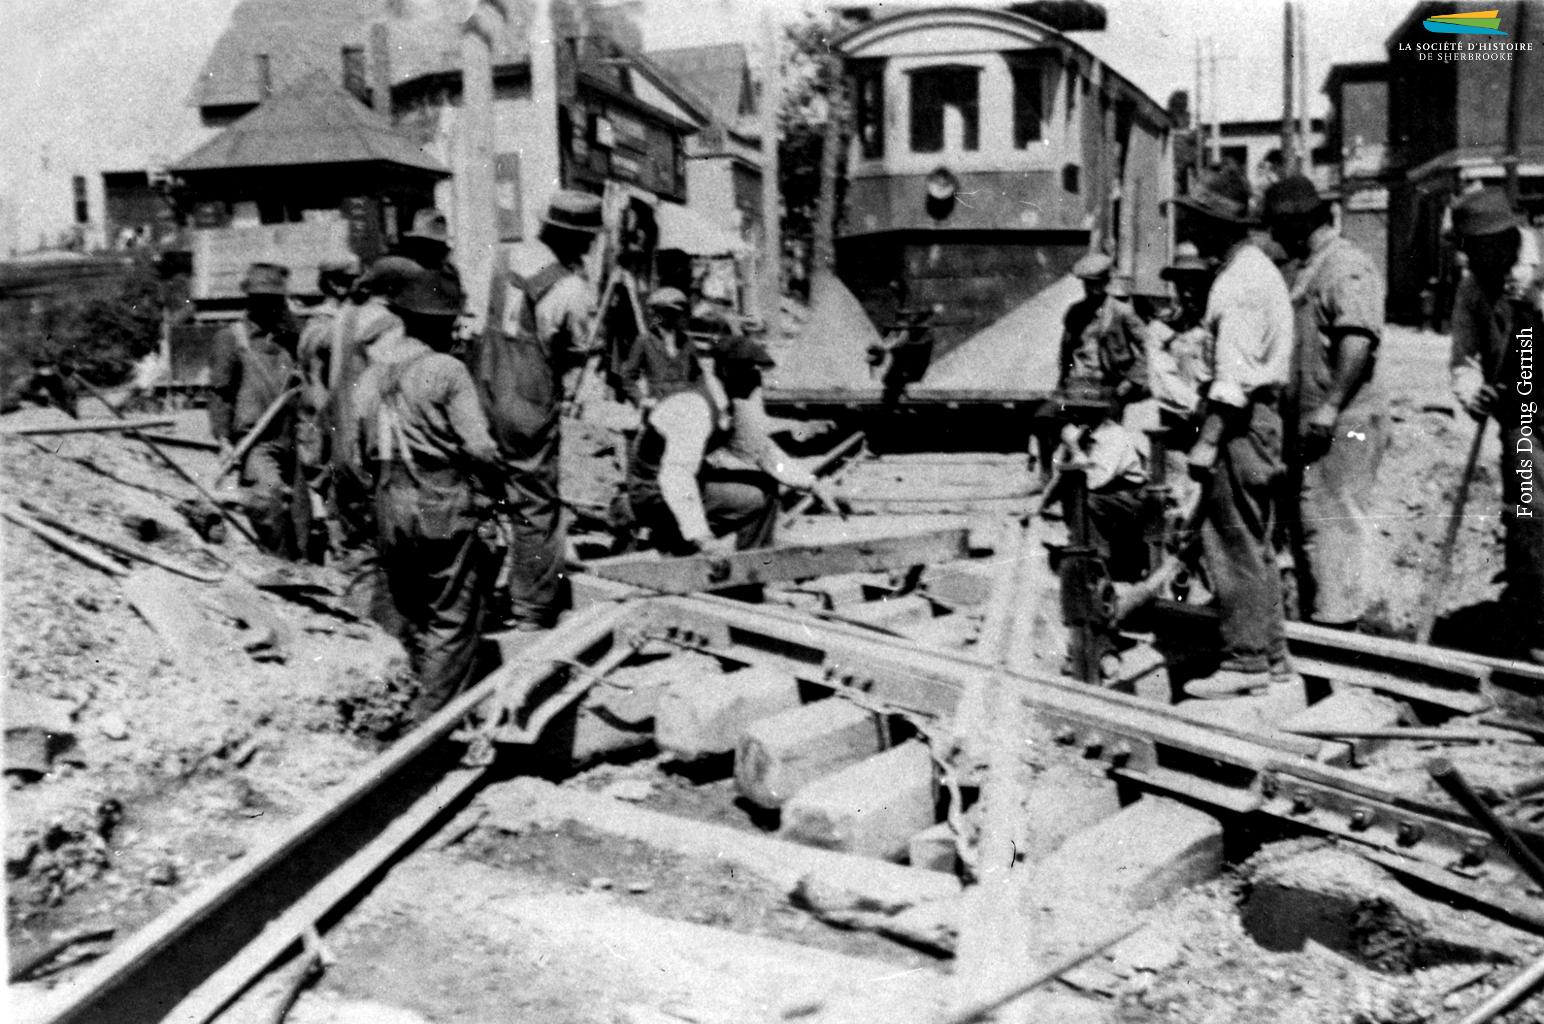 Des travaux sont effectués sur une ligne de tramway, là où les rails du Canadien Pacifique croisent la rue Alexandre, vers 1920. Ces travaux sont probablement effectués dans le cadre de la construction de la ligne Fairmount, qui se rend dans le quartier Ouest.